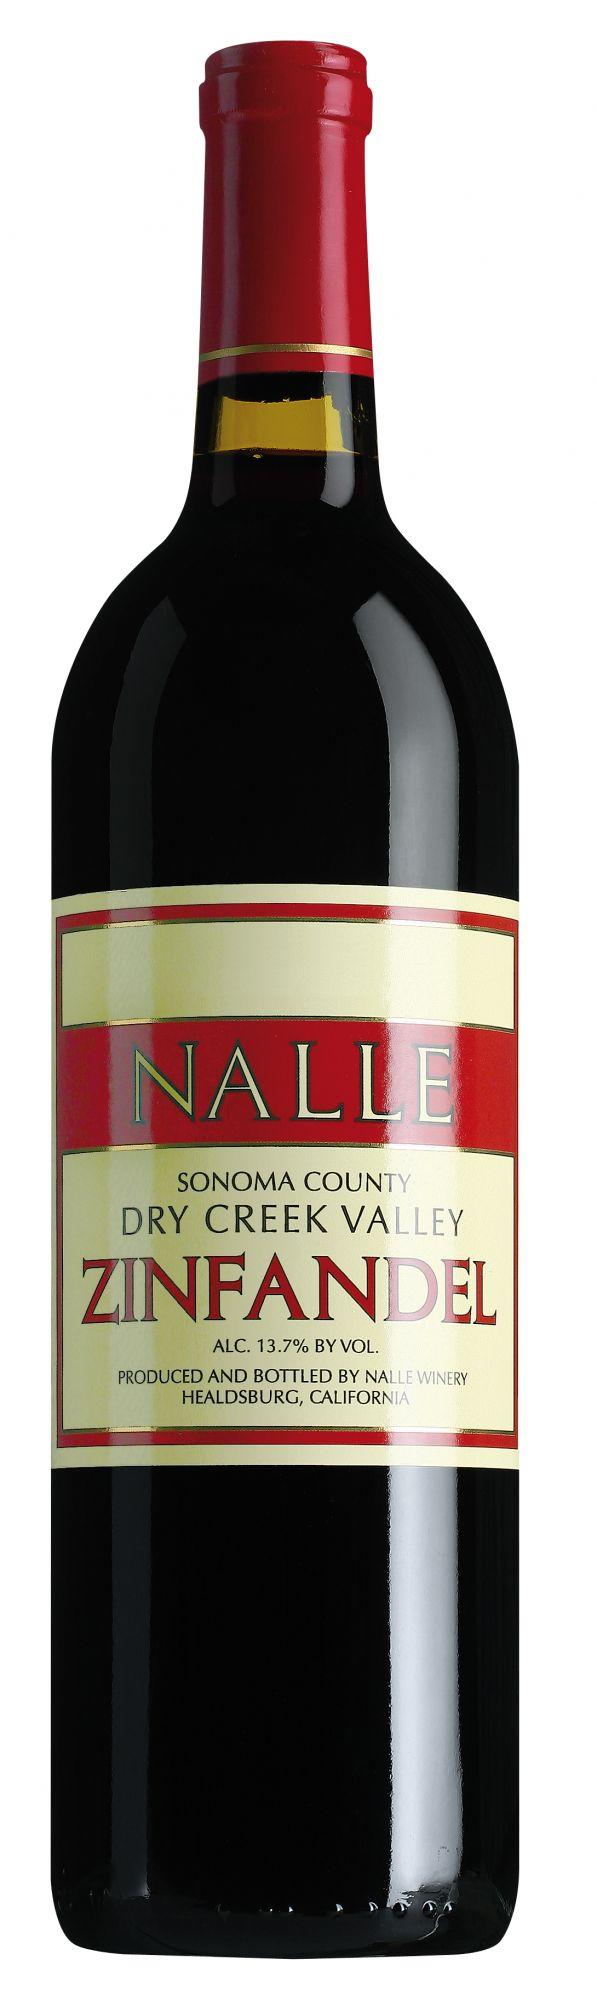 Nalle Dry Creek Valley Zinfandel